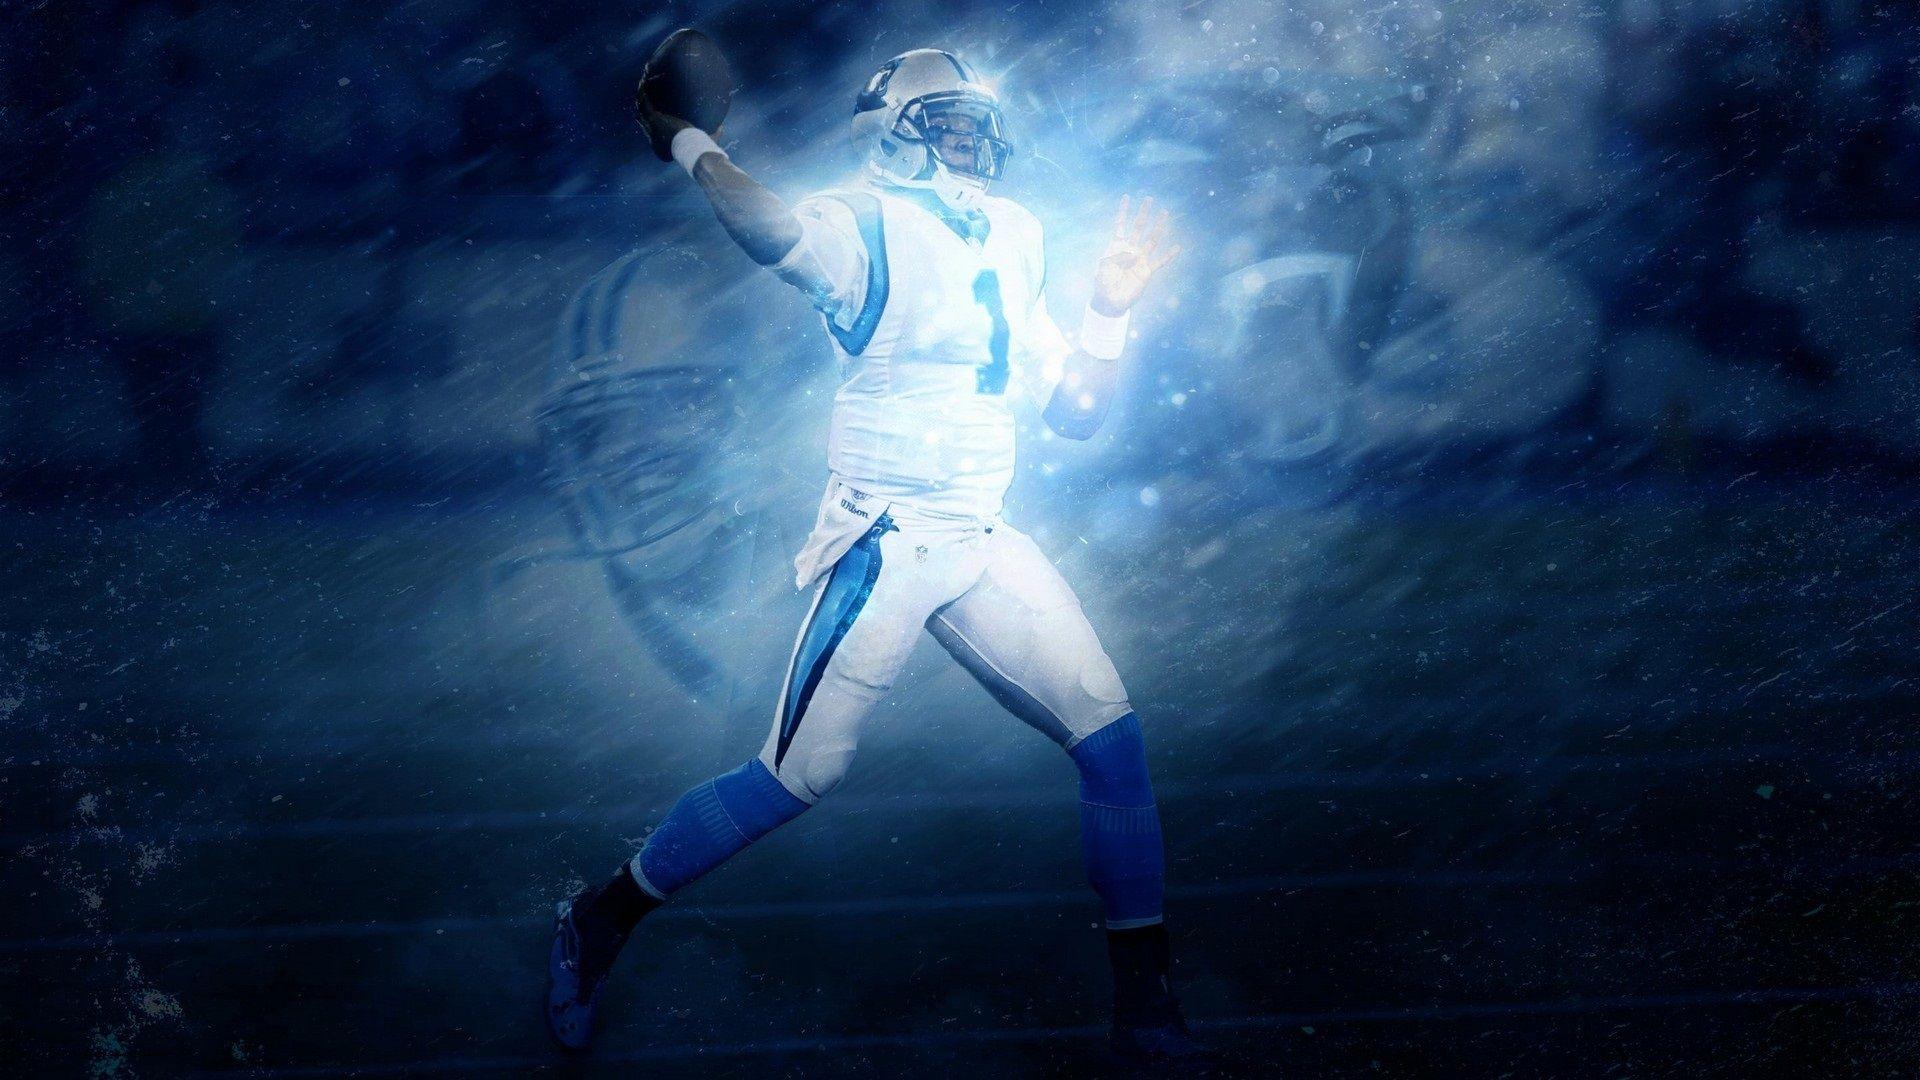 Carolina Panthers Nfl Mac Backgrounds 2021 Nfl Football Wallpapers Nfl Football Wallpaper Mac Backgrounds Cam Newton Wallpaper